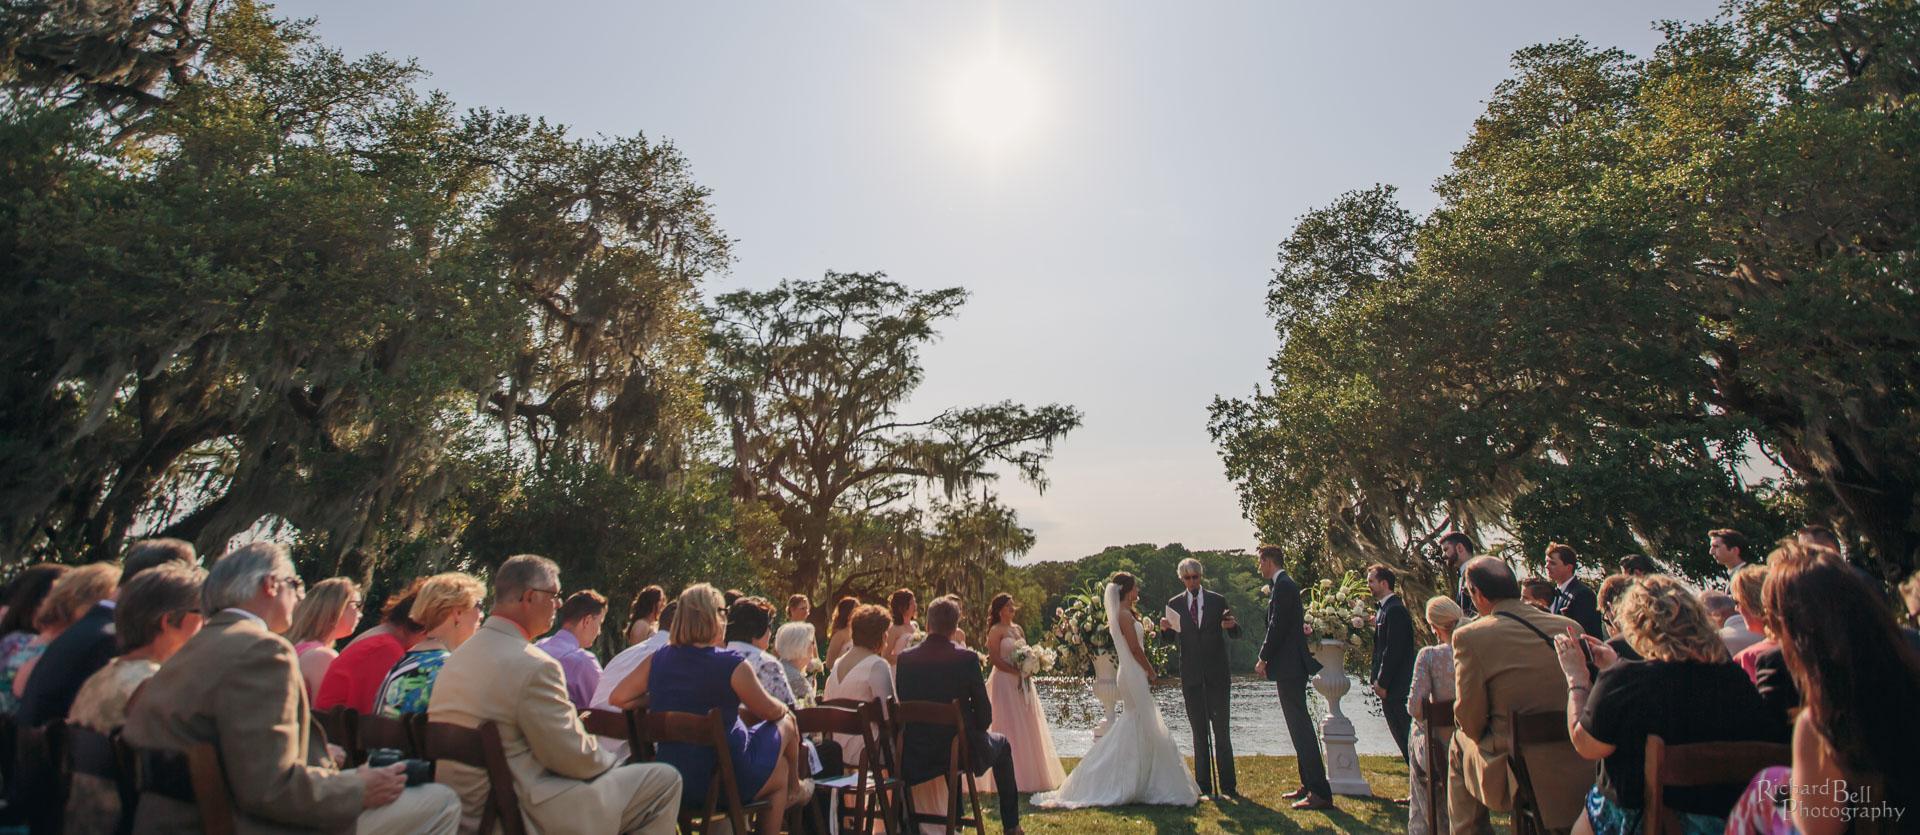 Montgomery Ceremony